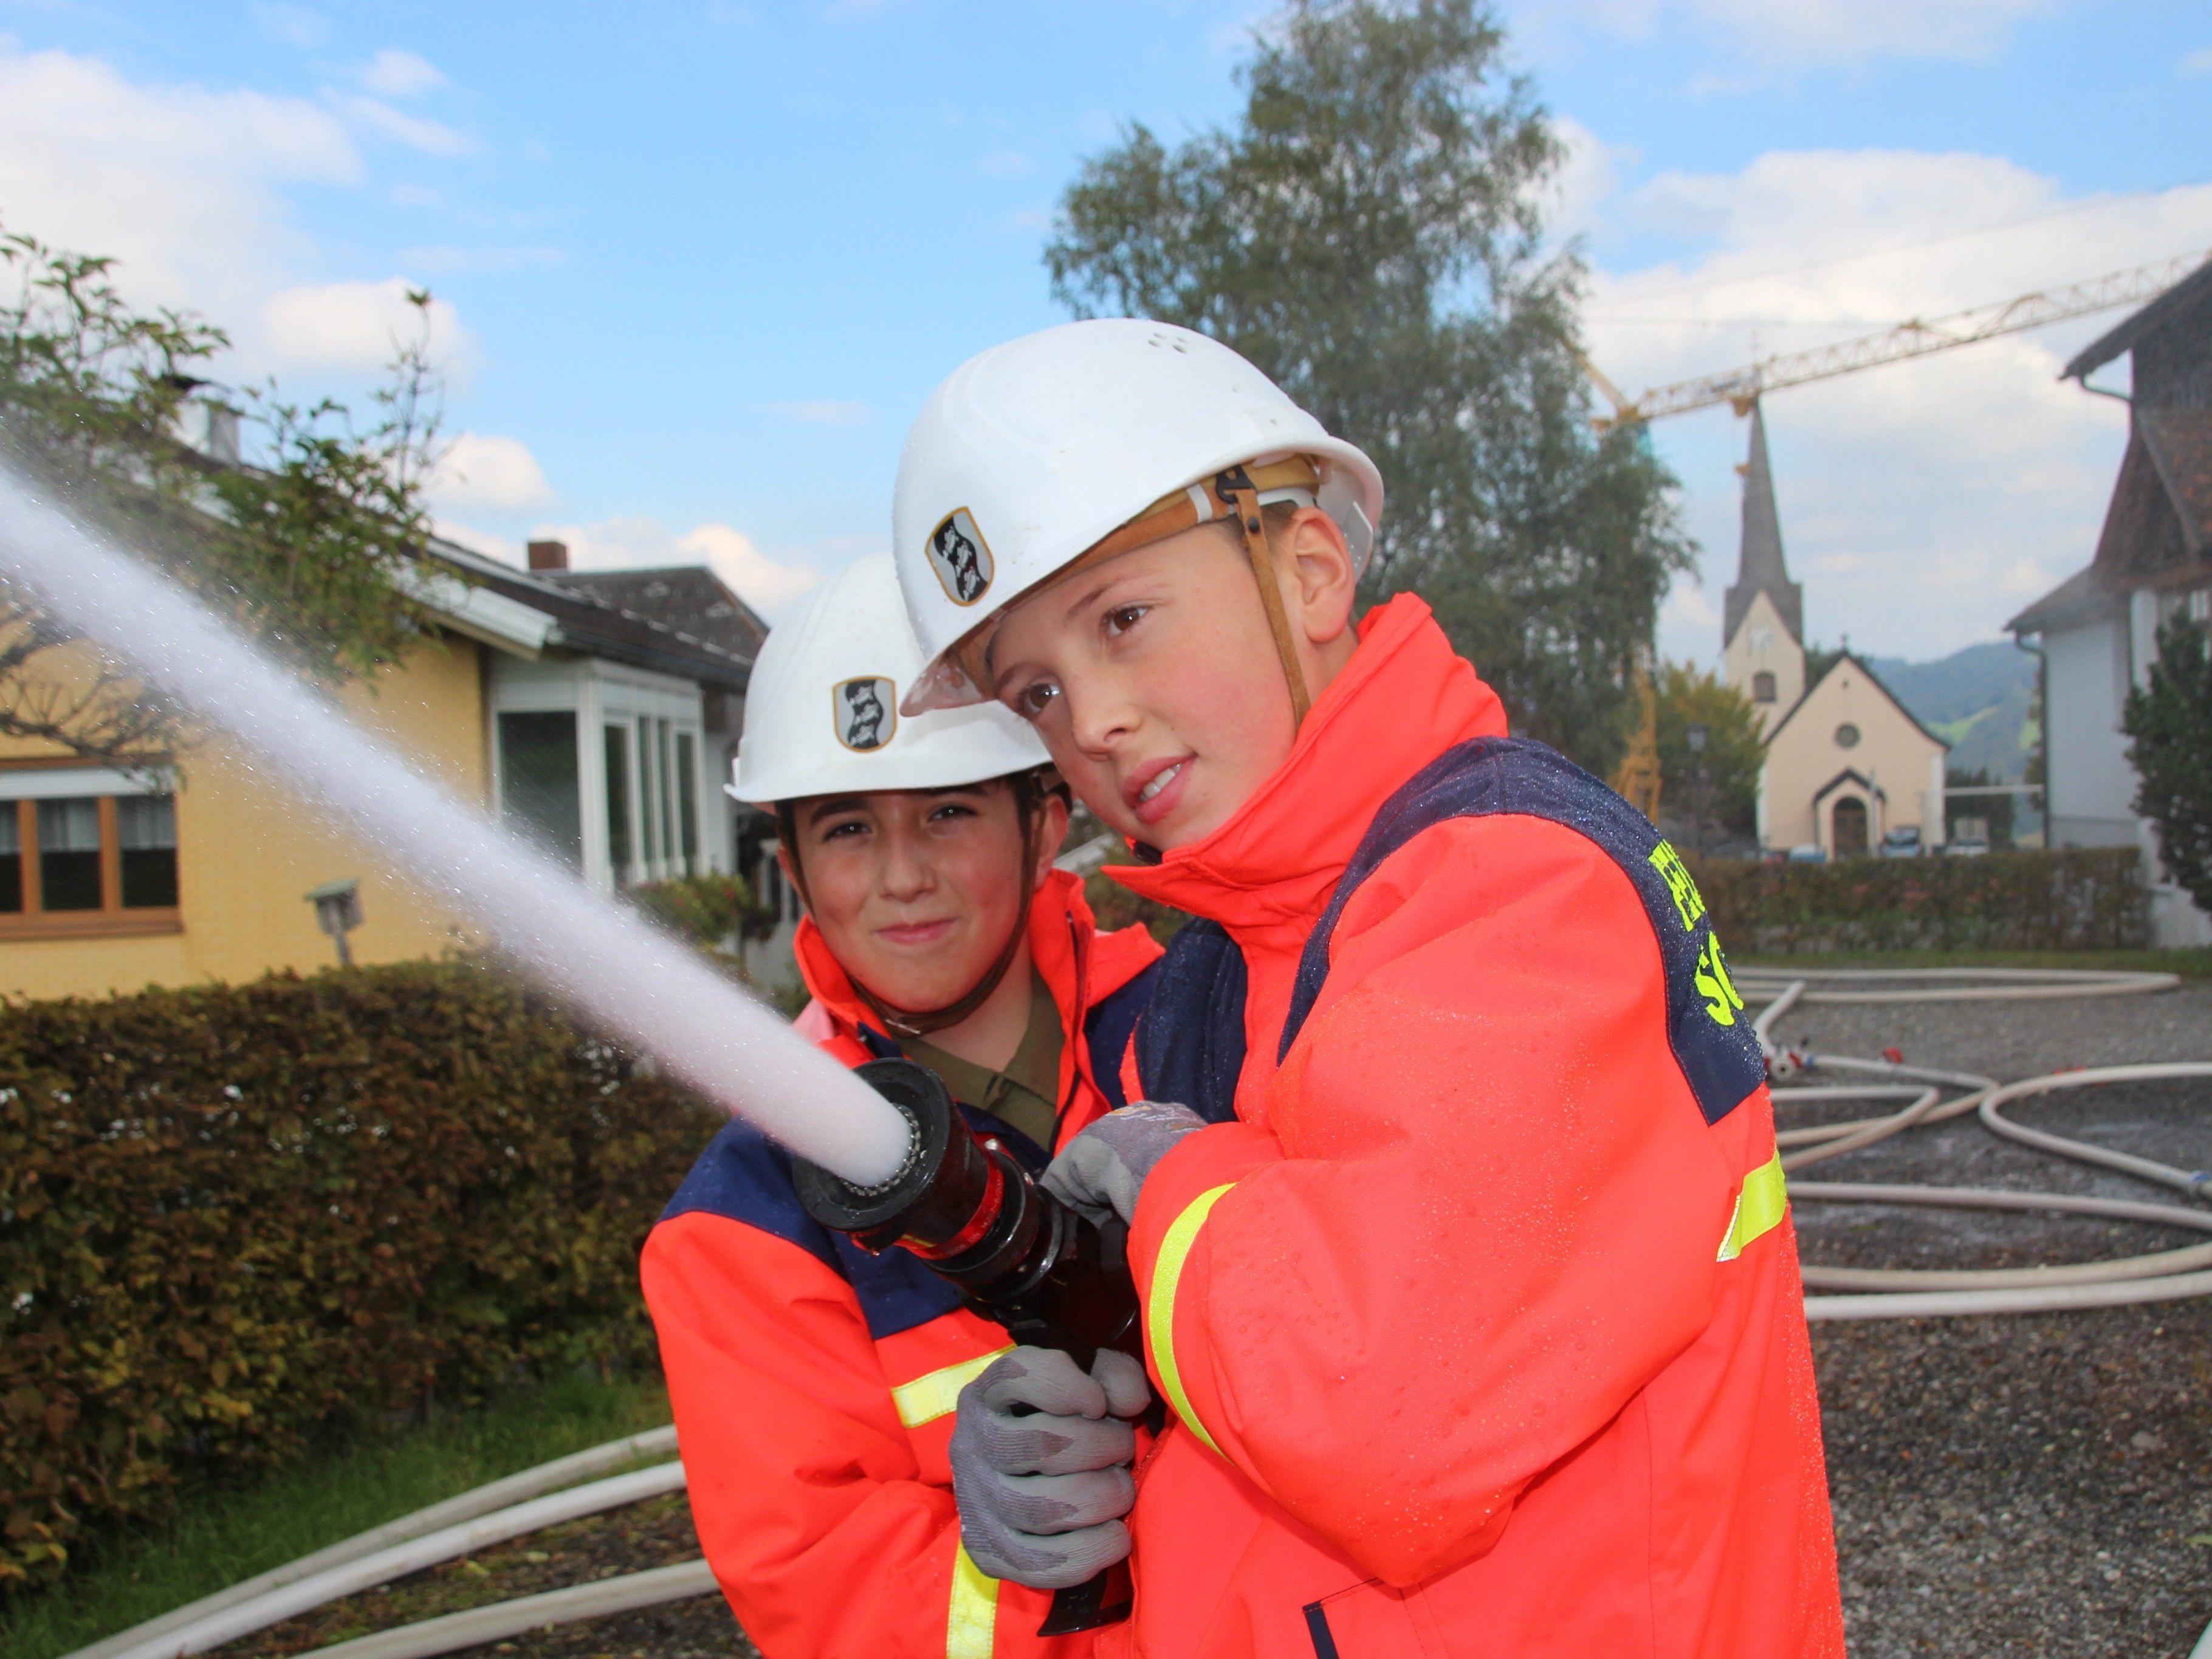 Kreisübung in Buch: Jugendliche Begeisterung für die Feuerwehr